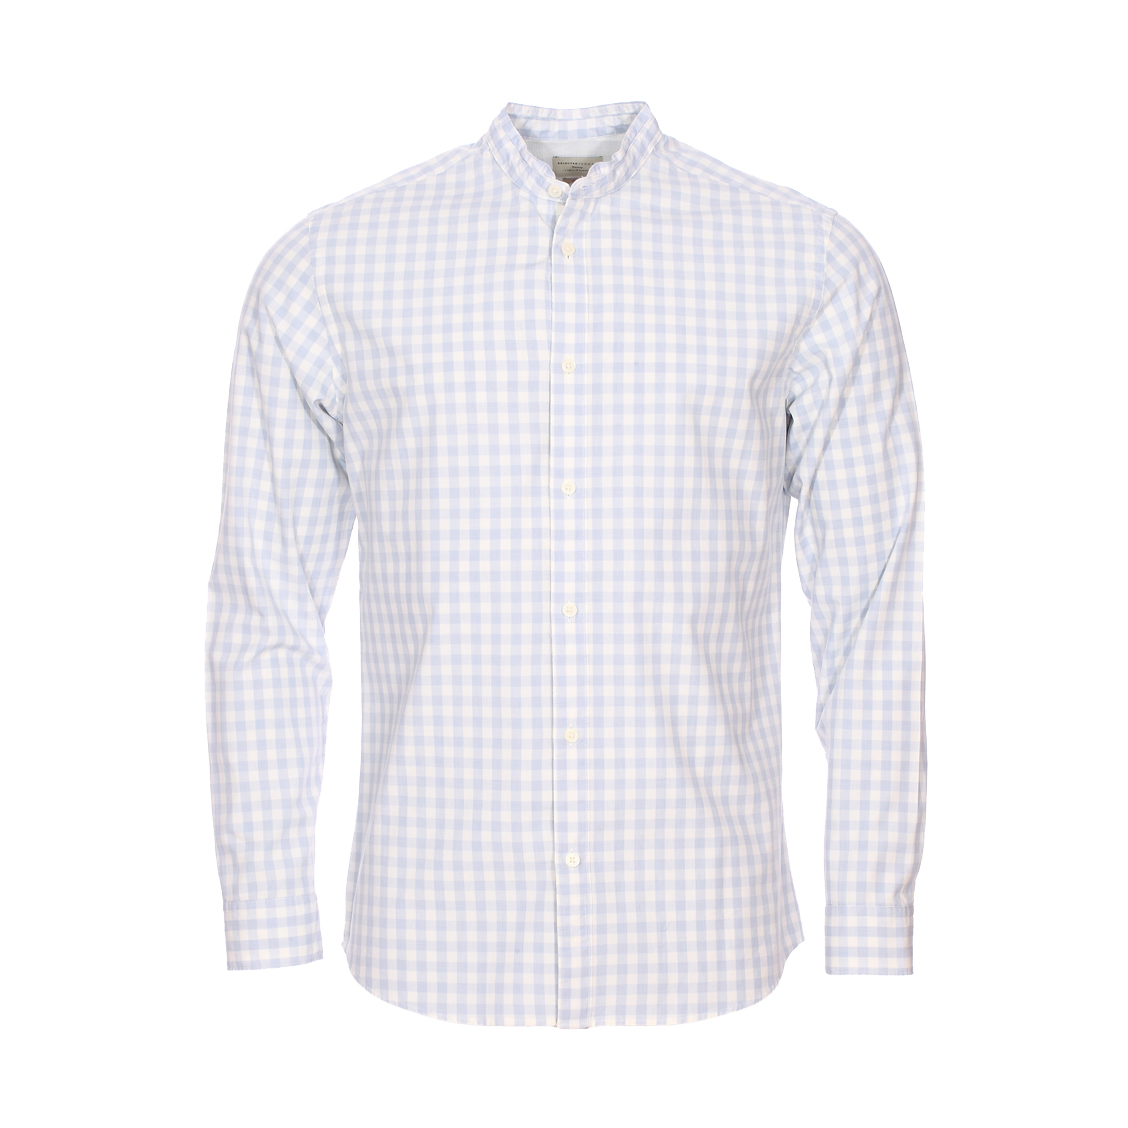 Chemise cintrée  en coton à carreaux blancs et bleus à col mao